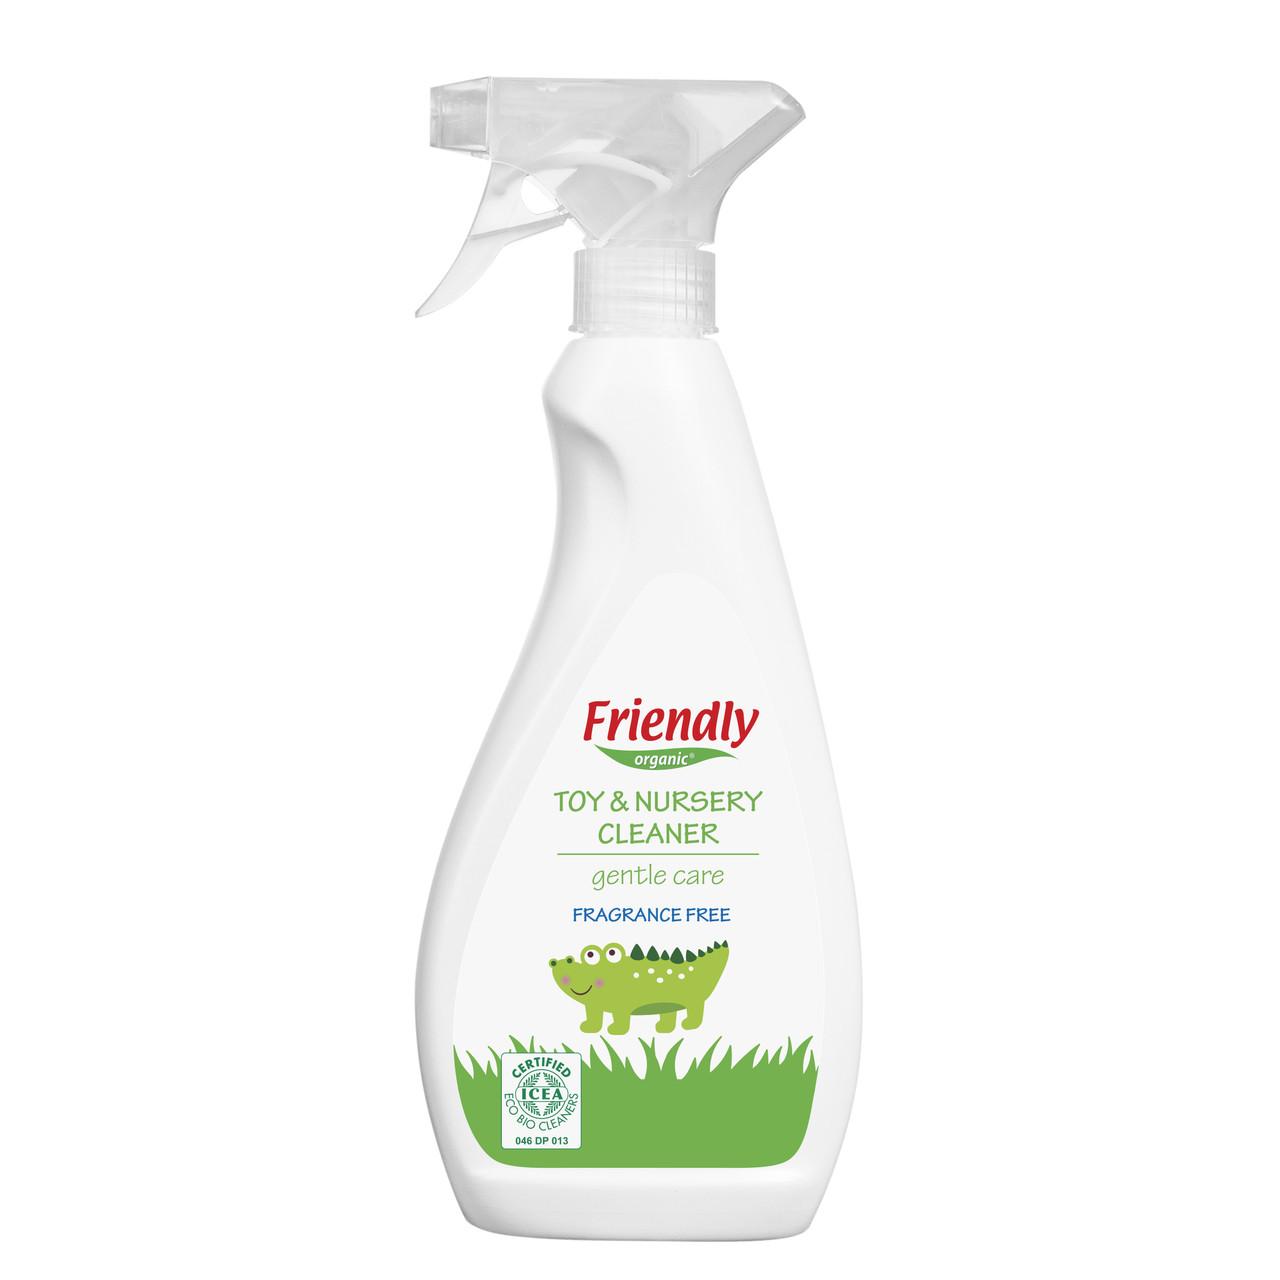 Органическое очищающее средство для детской комнаты и игрушек Friendly organic 500 мл